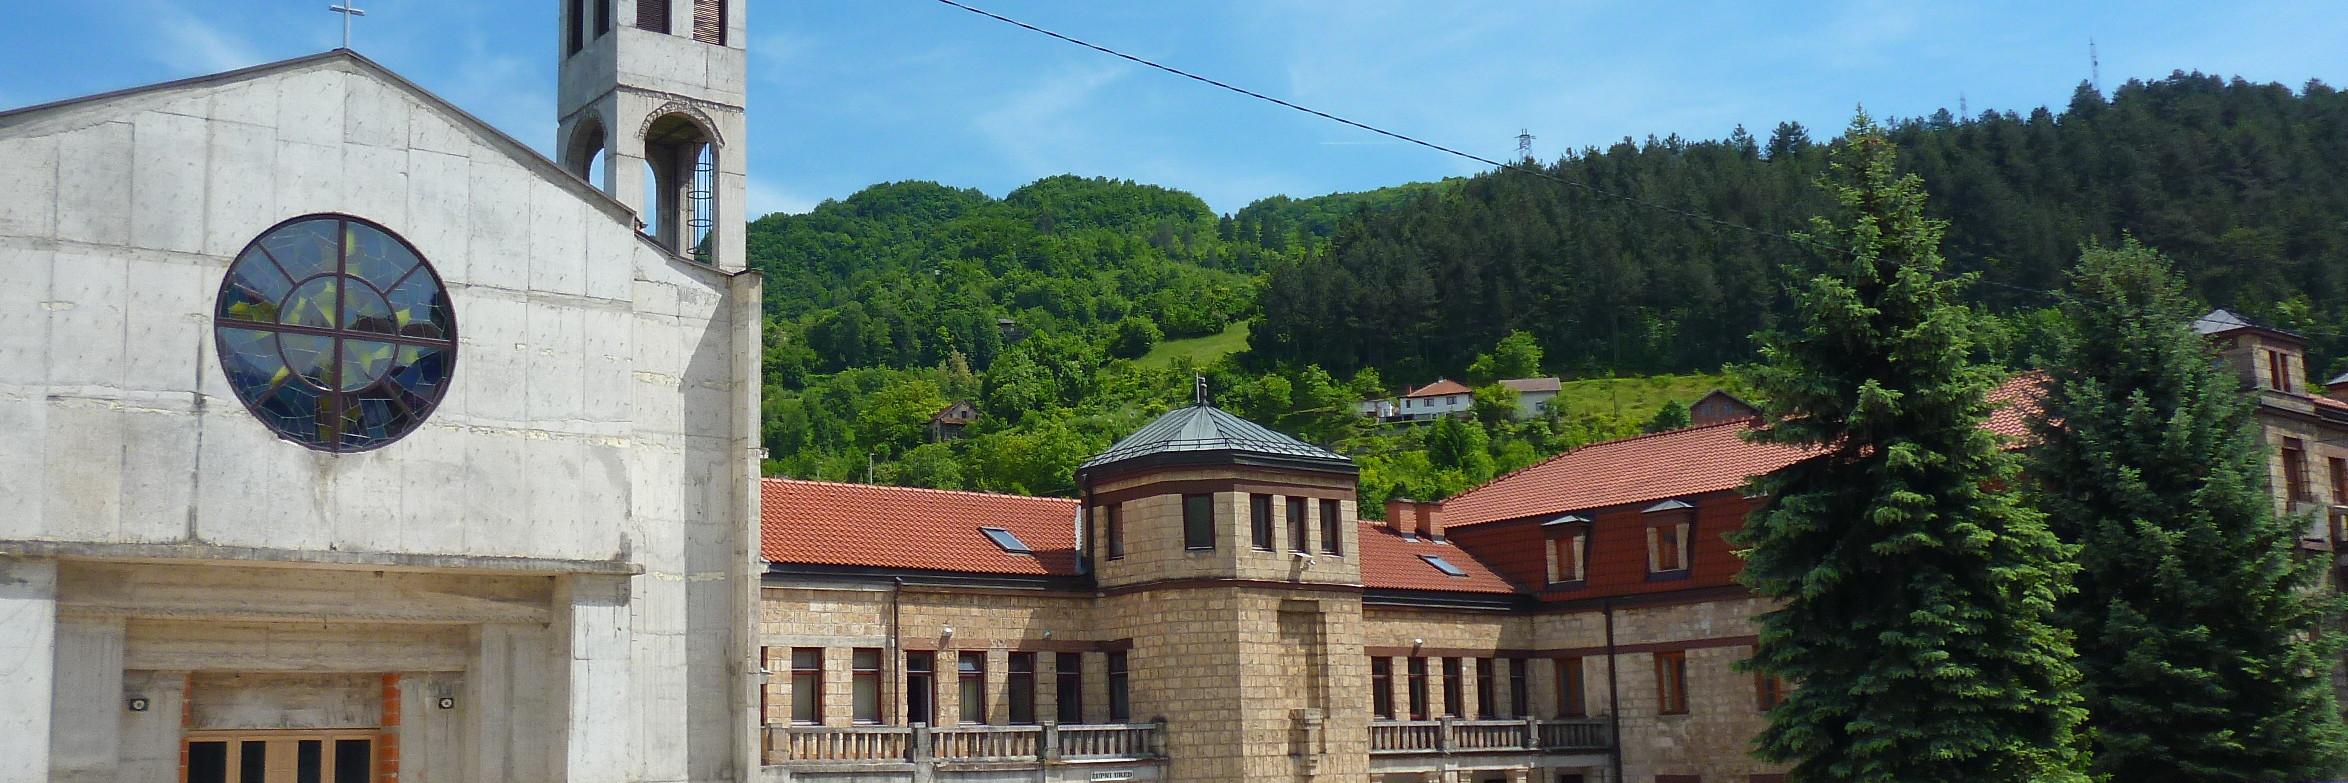 Монастырь св. Луки